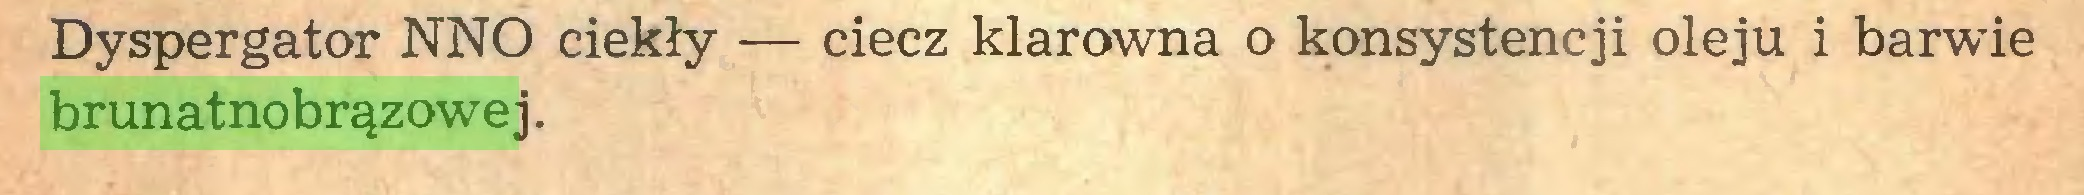 (...) Dyspergator NNO ciekły — ciecz klarowna o konsystencji oleju i barwie brunatnobrązowe j...